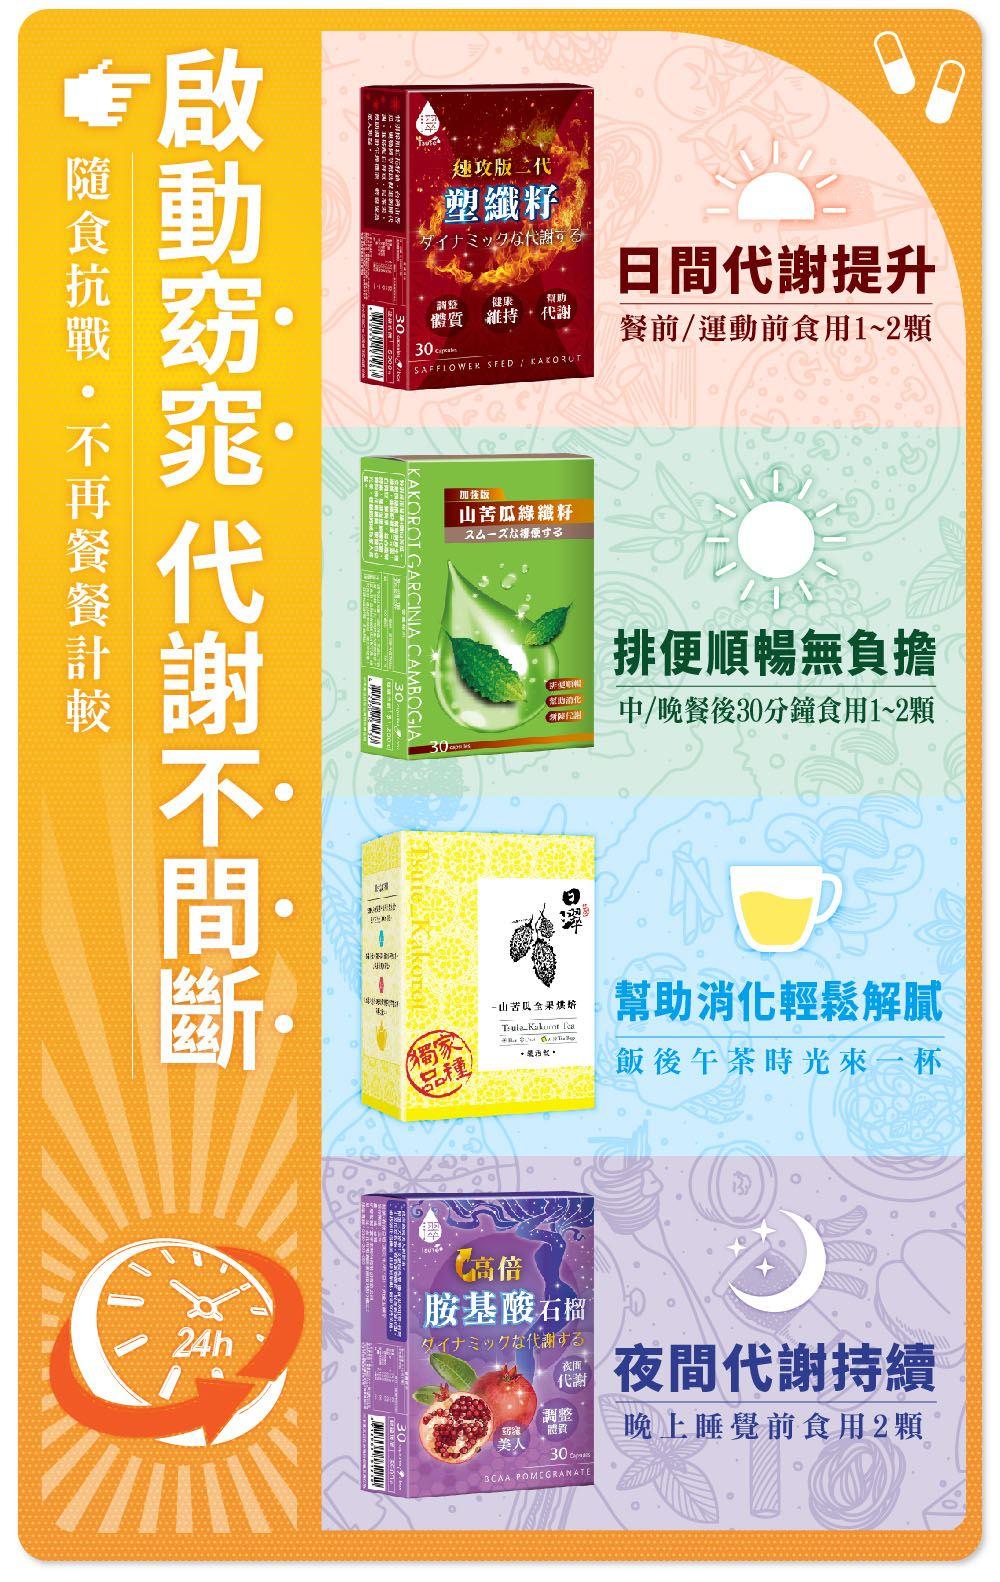 【日濢Tsuie】塑纖籽 二代速攻版(30顆/盒)